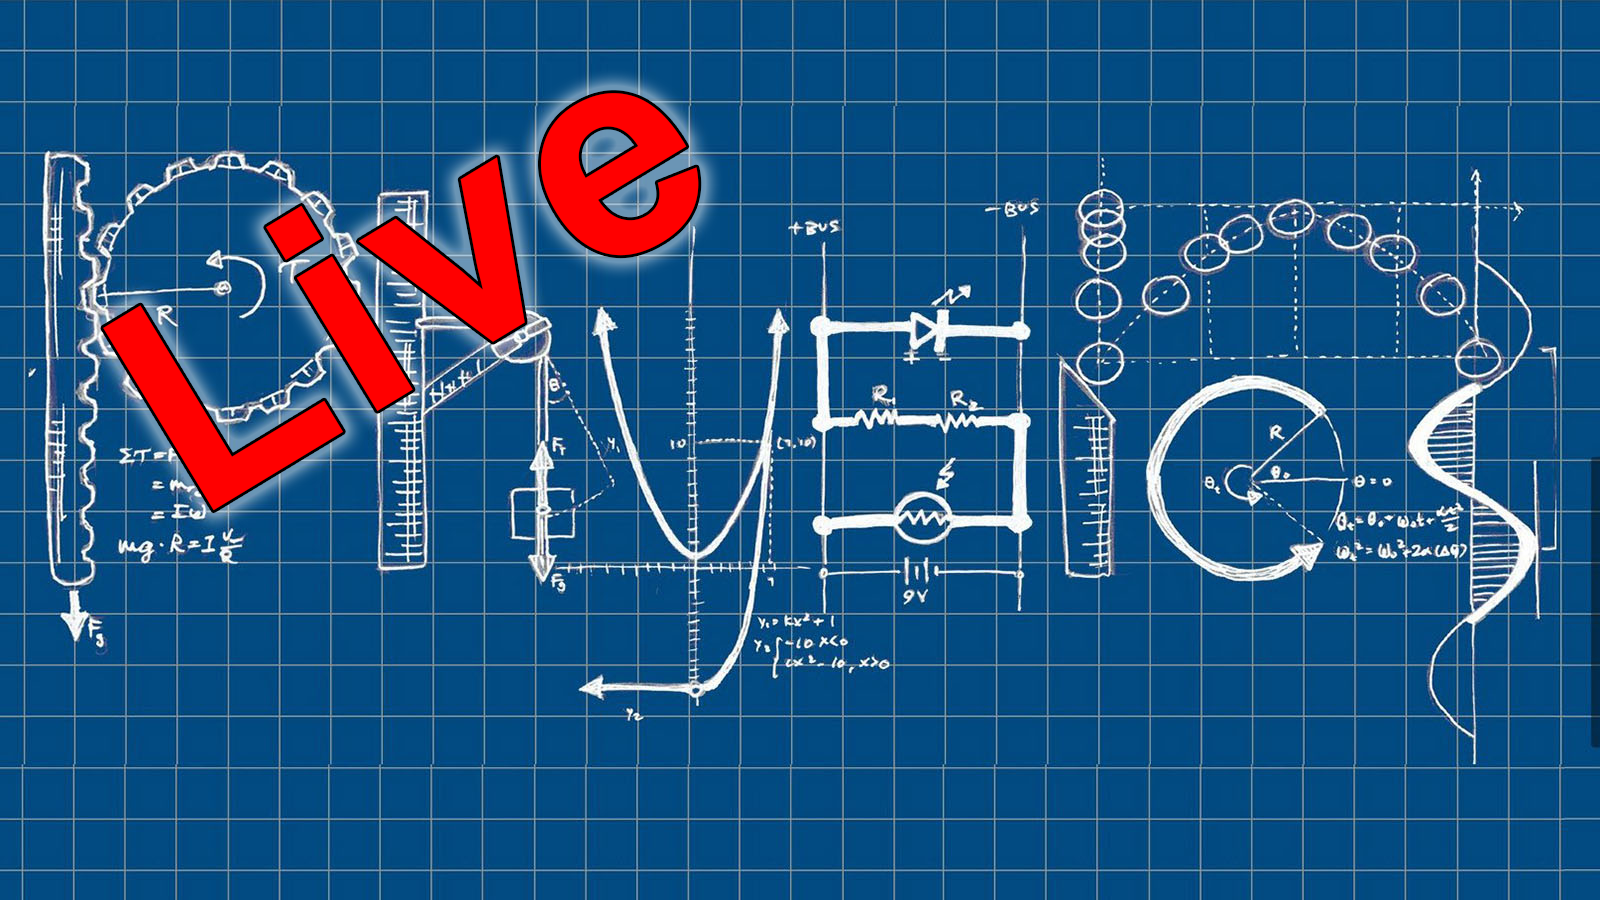 Live Επιστημονικό Συμπόσιο Φυσική και Κοινωνία 22 Ιανουαρίου 2021